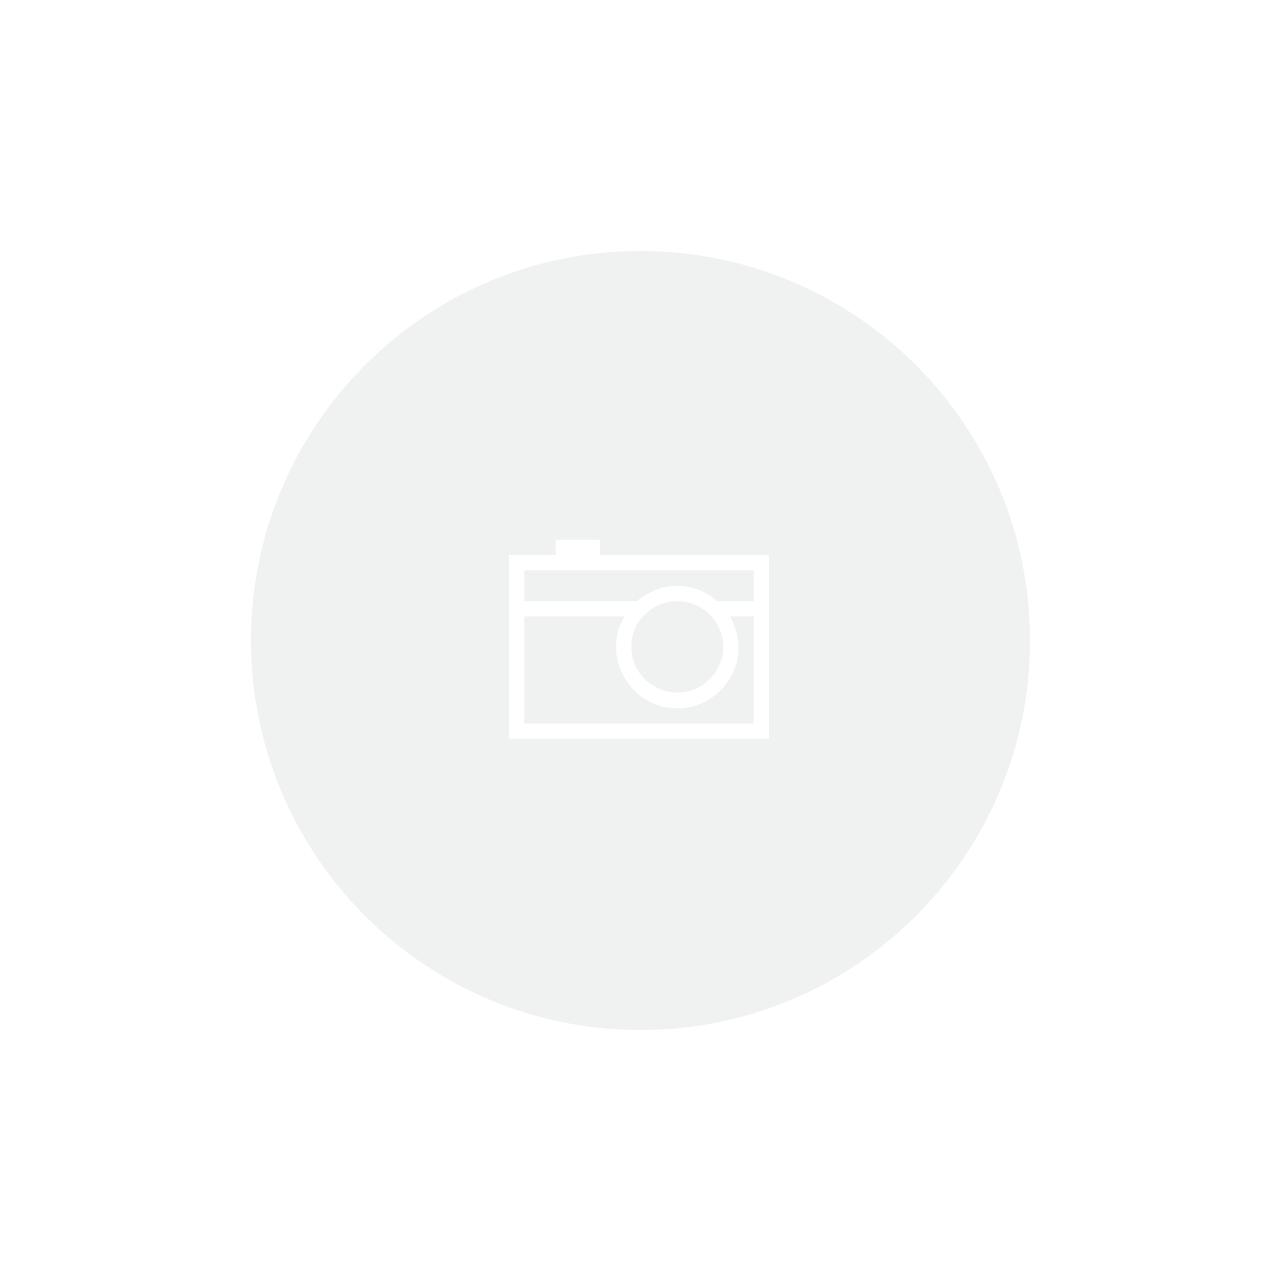 Soprador Kyklon RX Marinho 220V para Pet Shop, Banho e Tosa